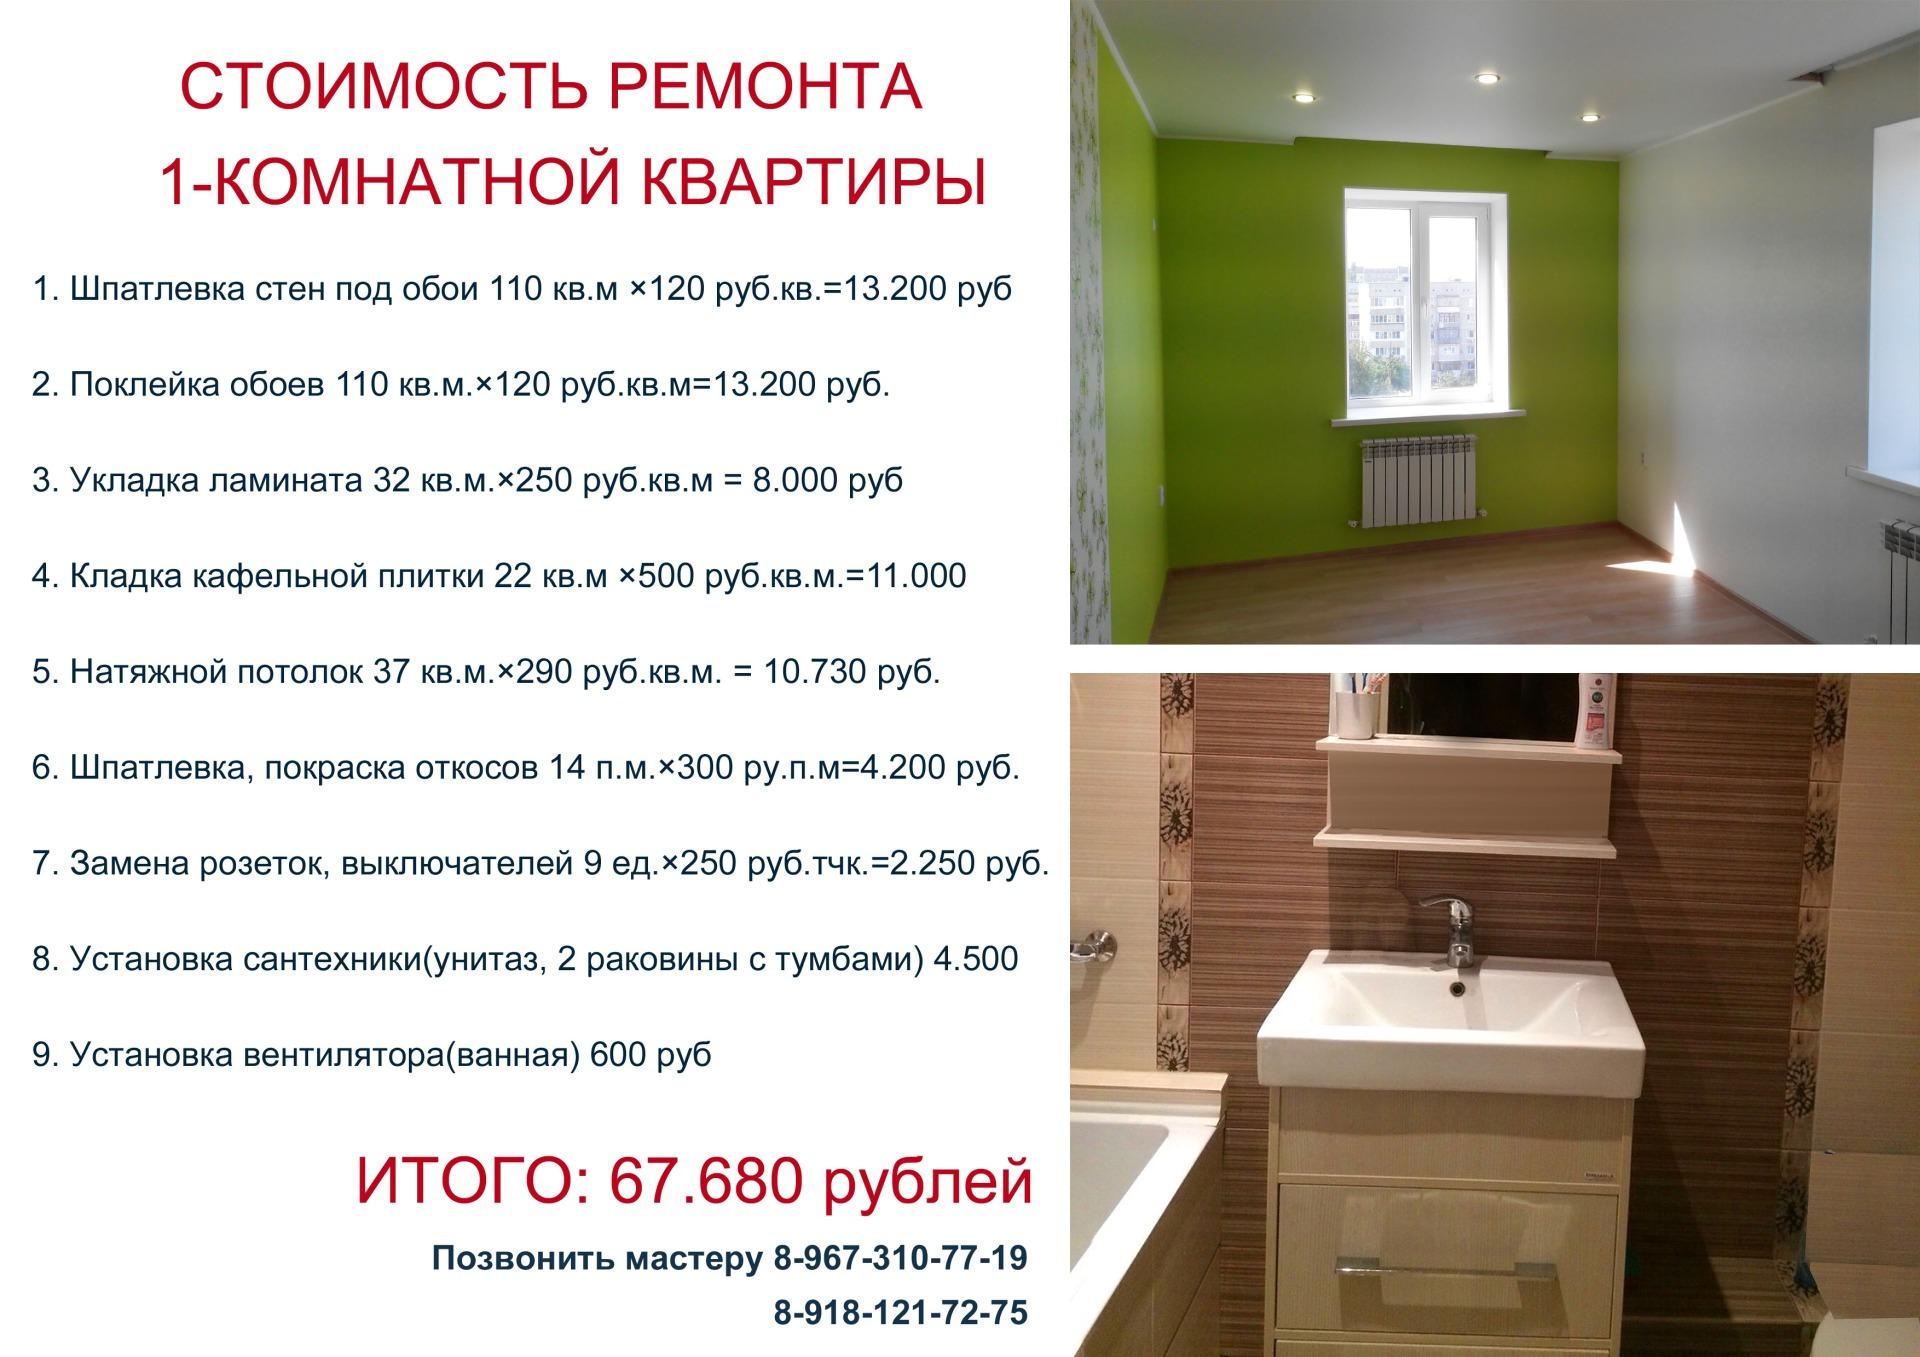 цена ремонта строительства домов, цены на мебель